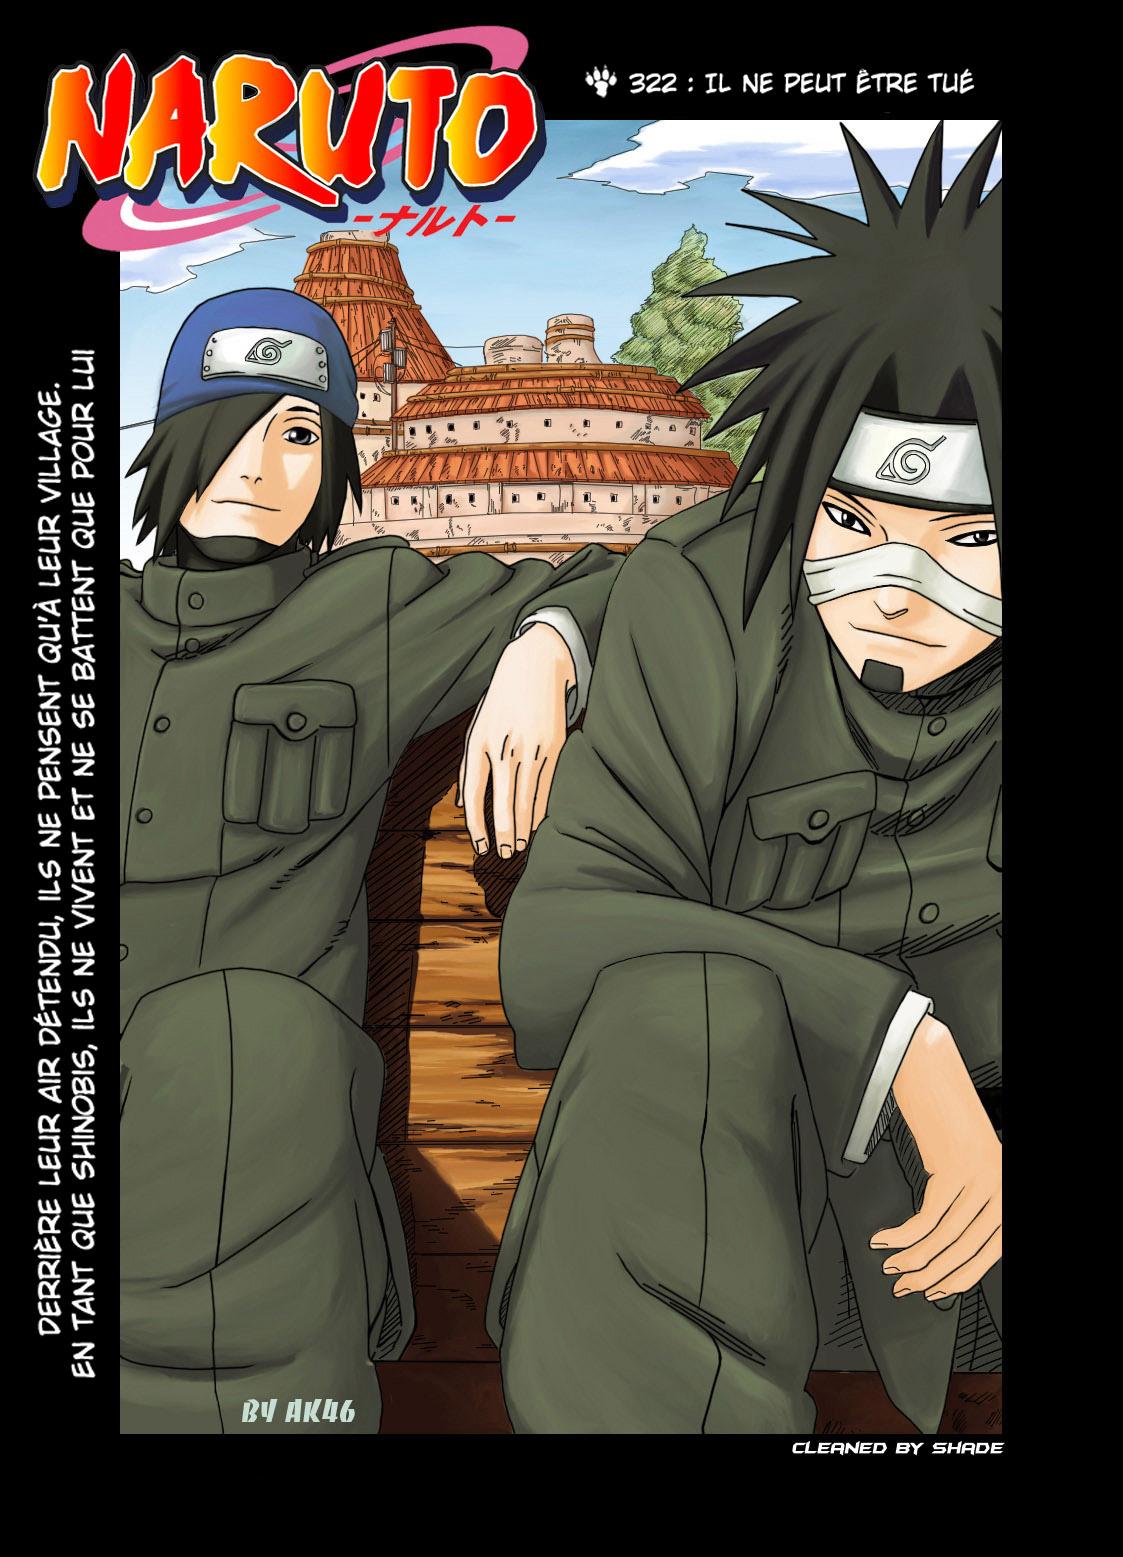 Naruto chapitre 322 colorisé - Page 1